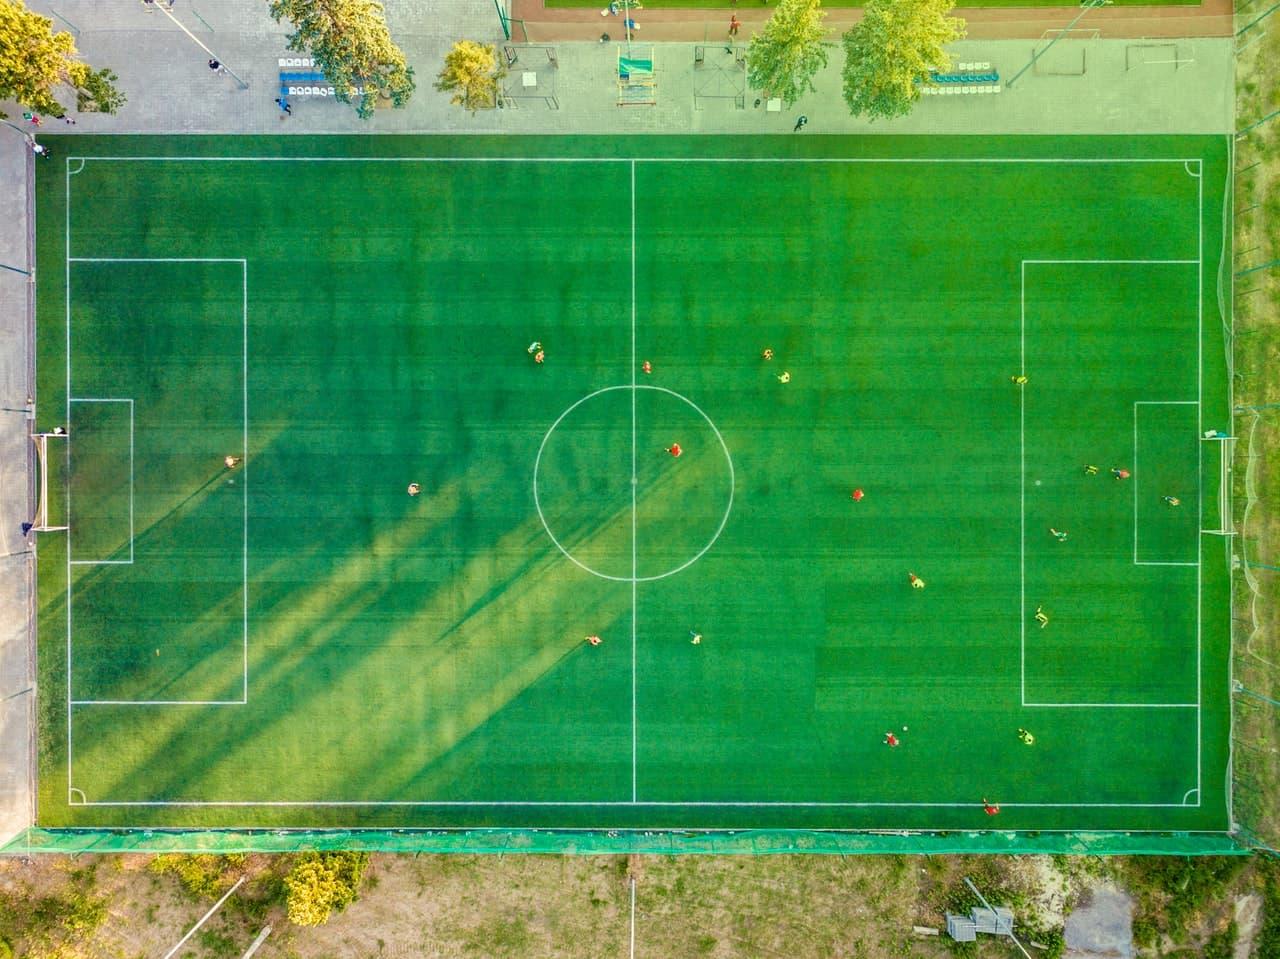 como diseñar una pagina web de futbol